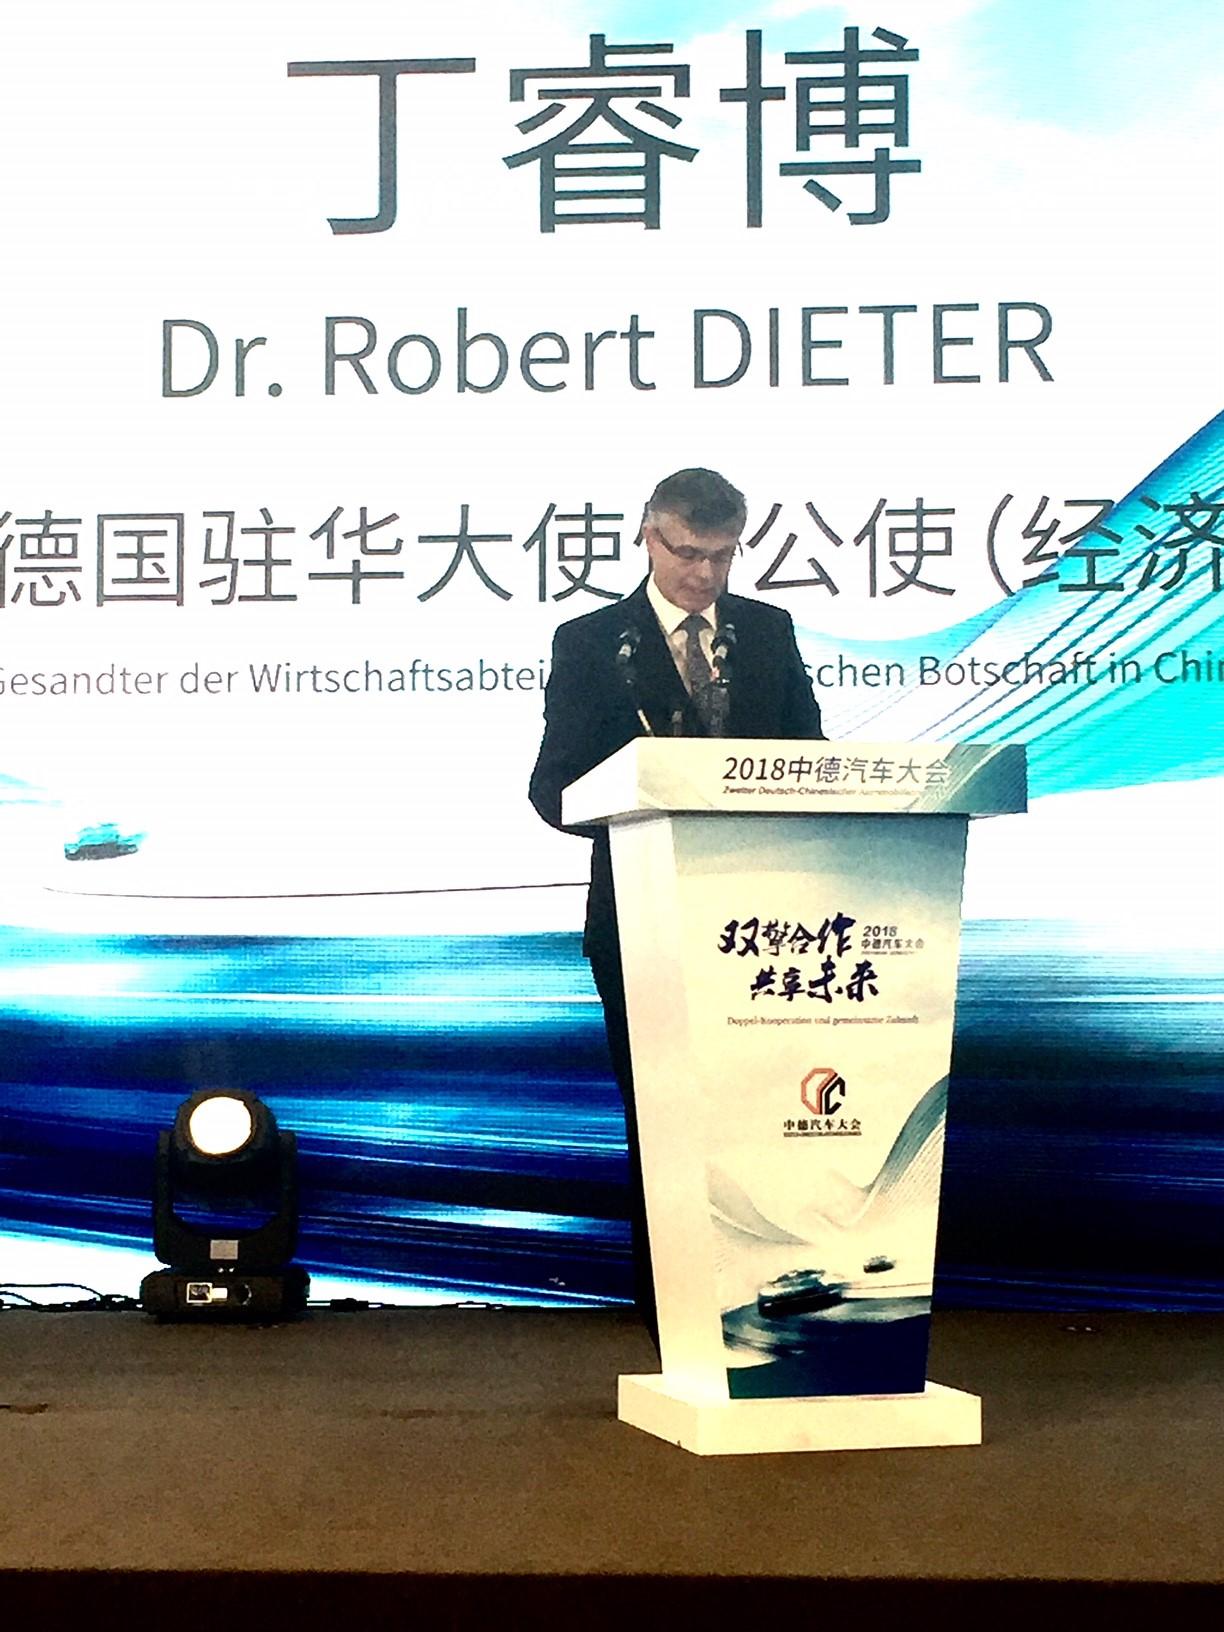 Gesandter Dr. Dieter